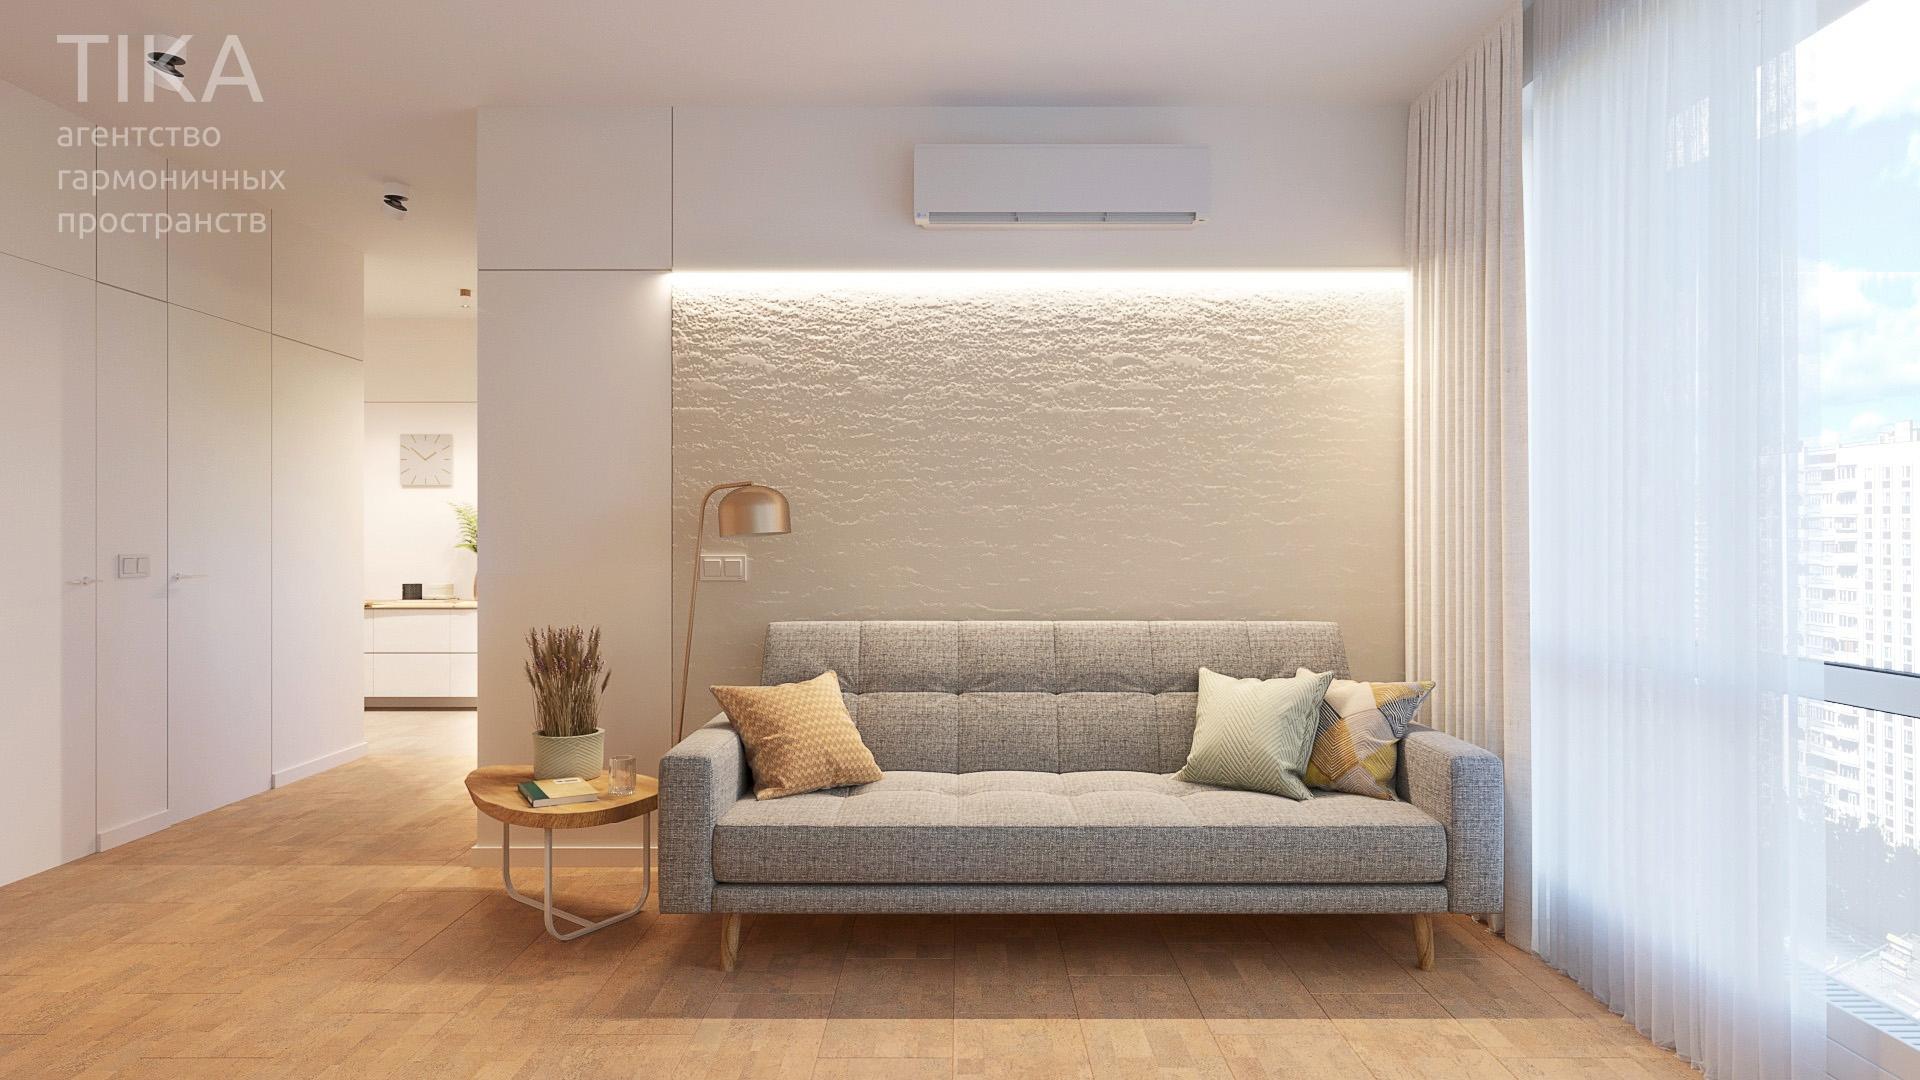 Изображение для проекта Дизайн интерьера квартиры в Москве 2133